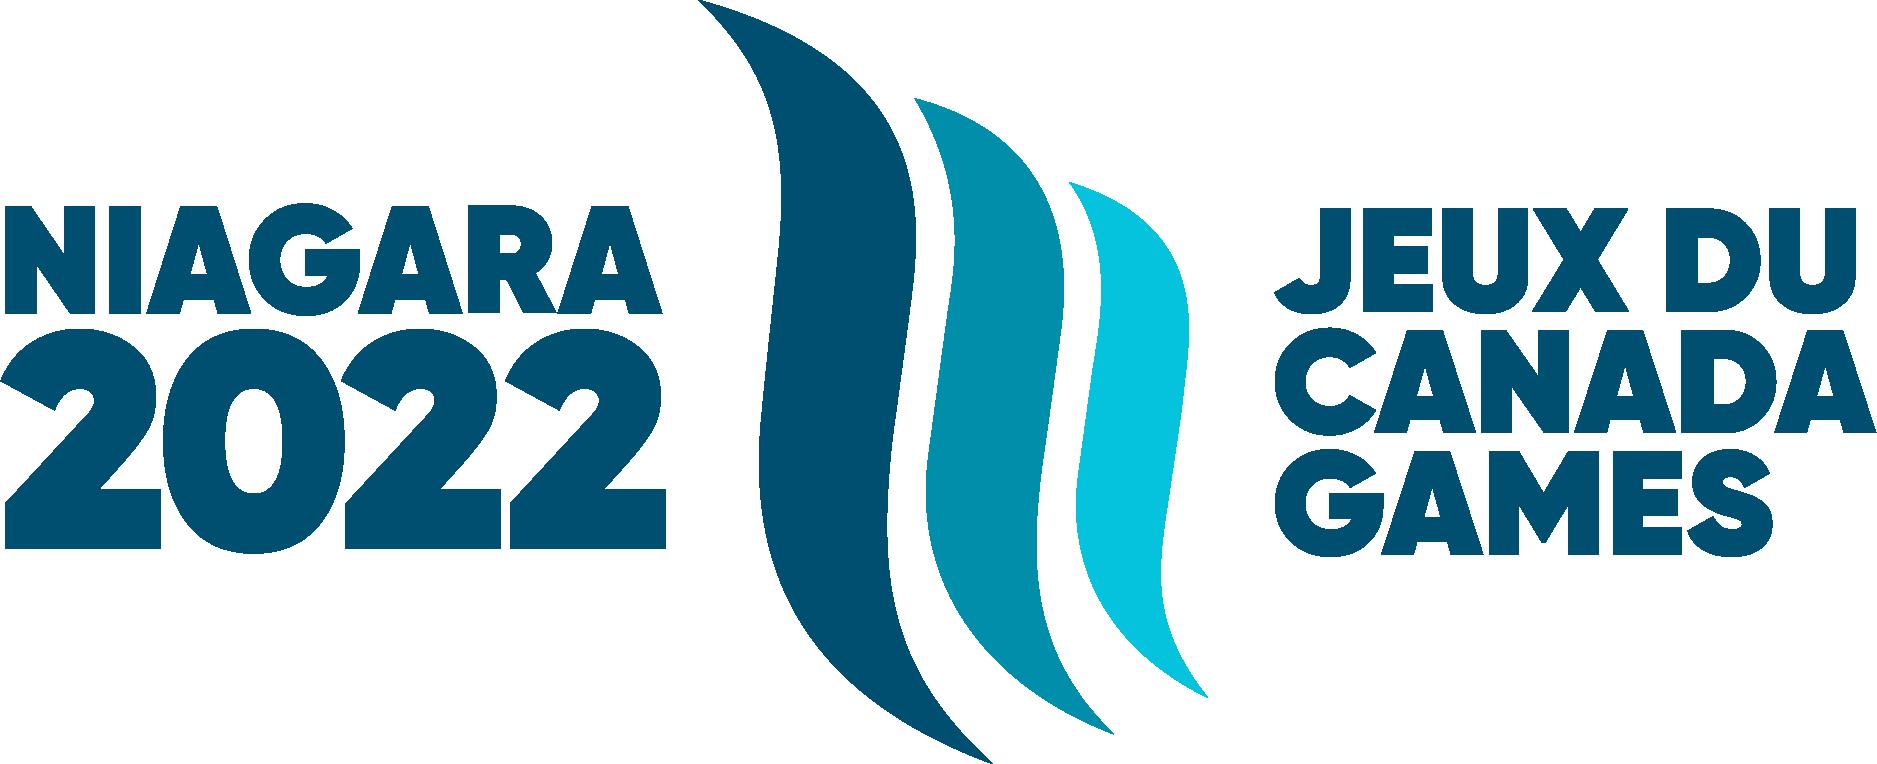 Niagara 2022 Canada Games